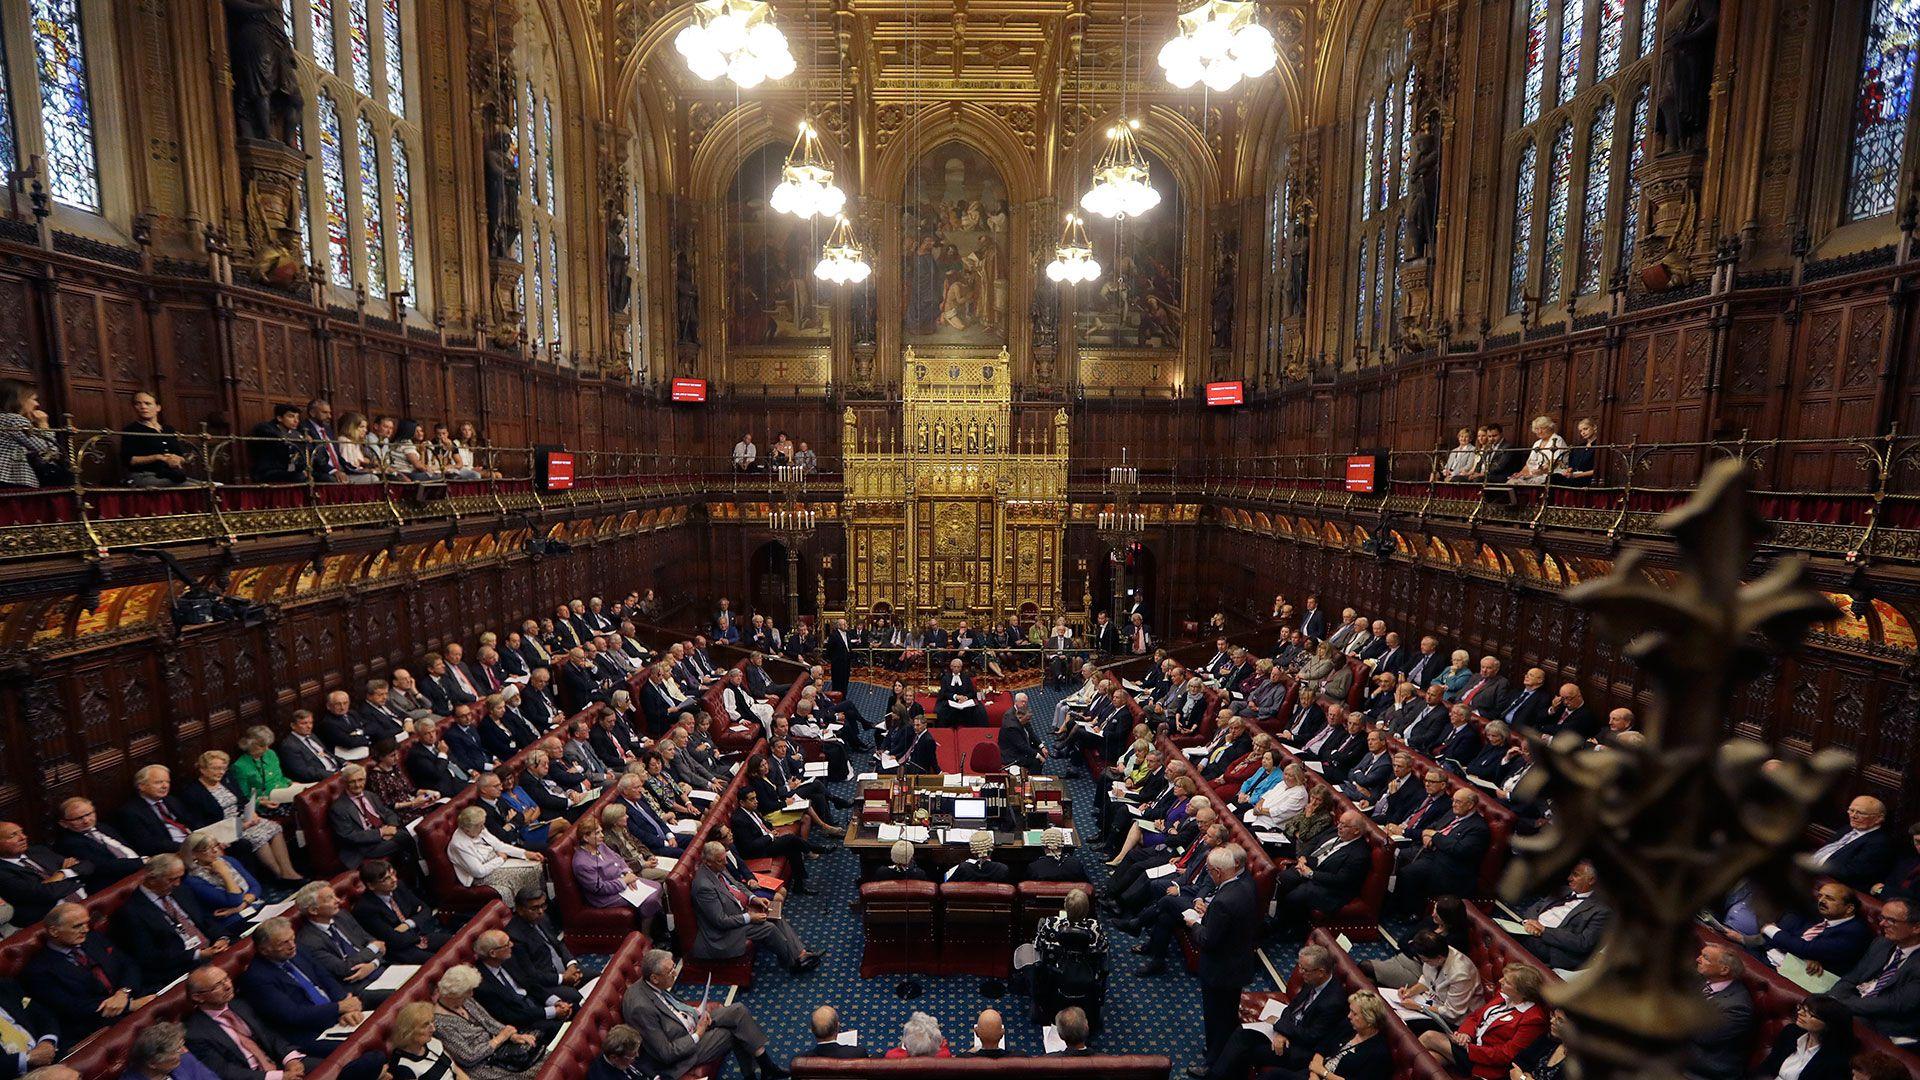 El Parlamento británico votará mañana sobre el Brexit (Getty Images)